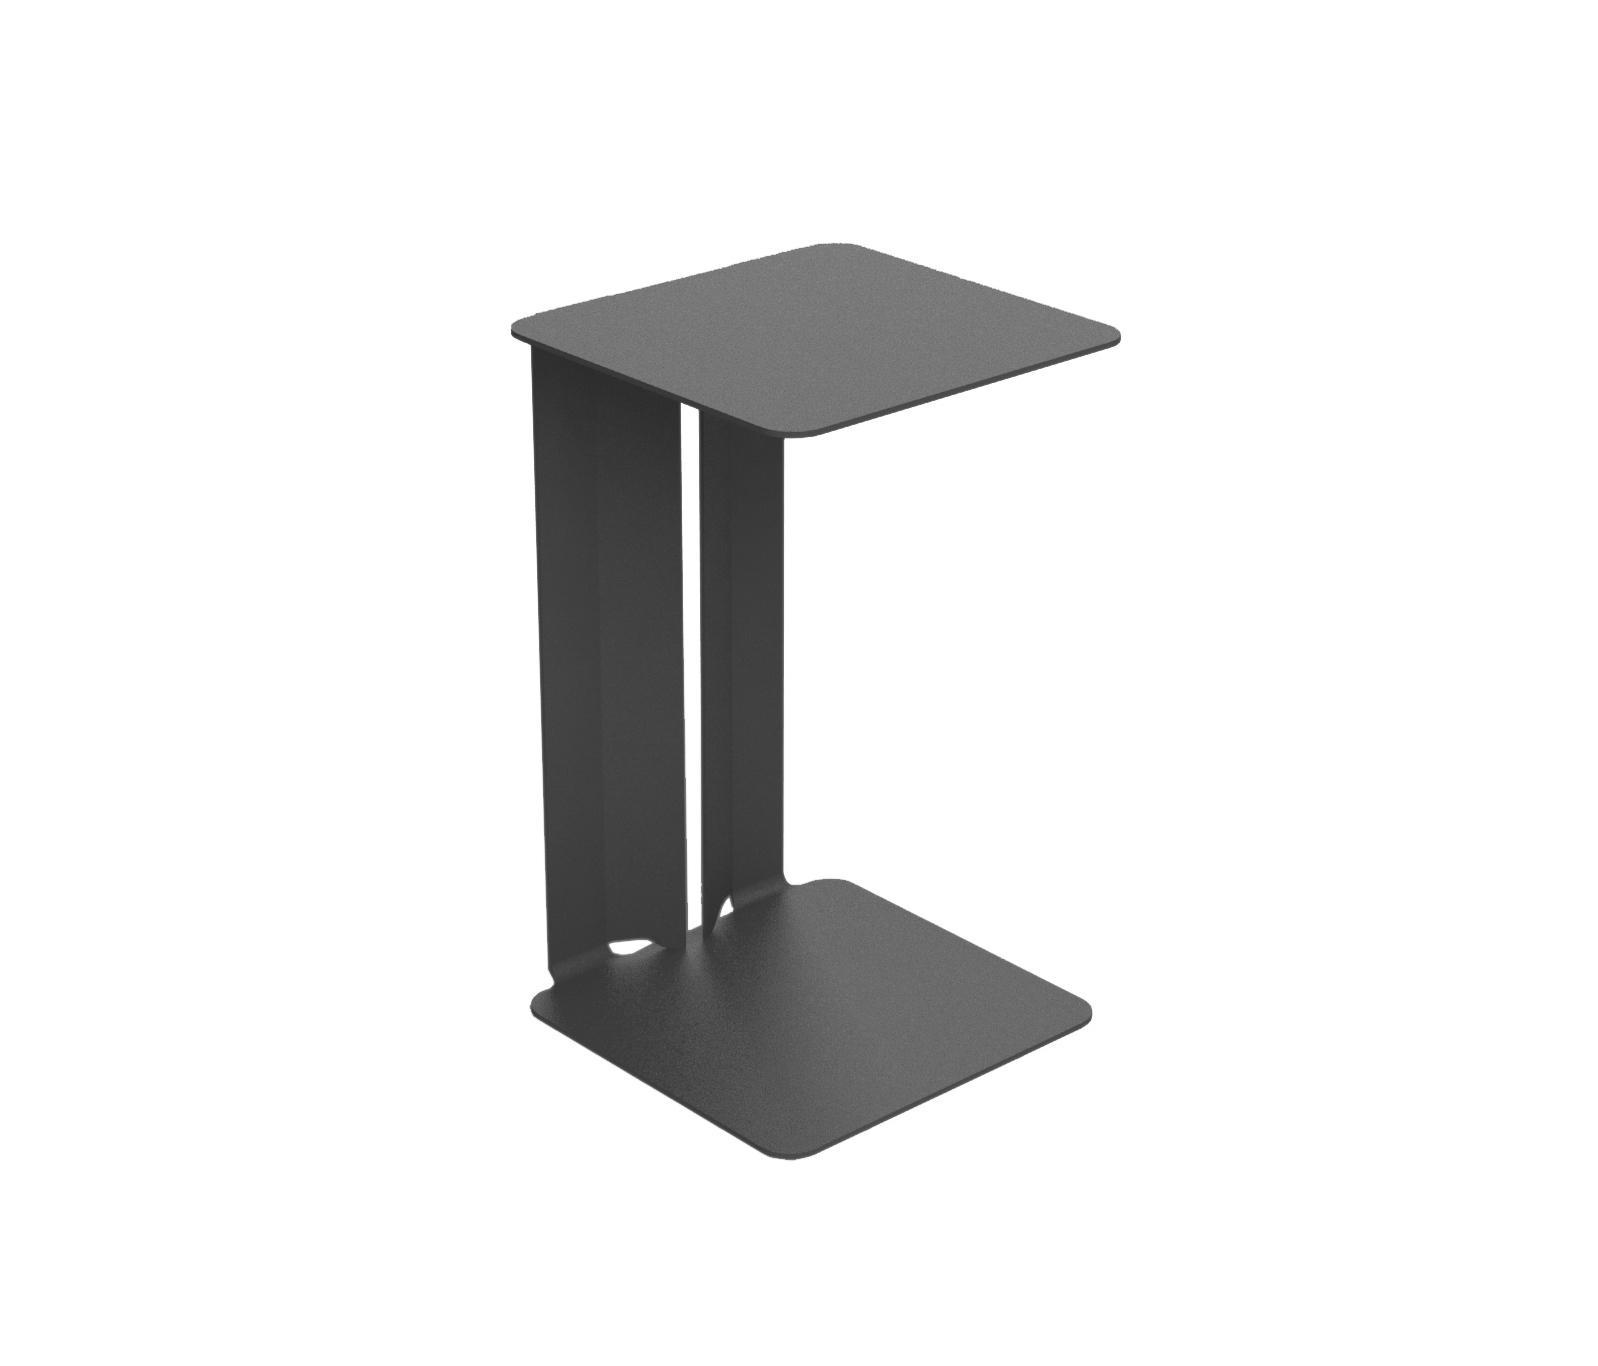 leste bout de canap tables d 39 appoint de mati re grise architonic. Black Bedroom Furniture Sets. Home Design Ideas